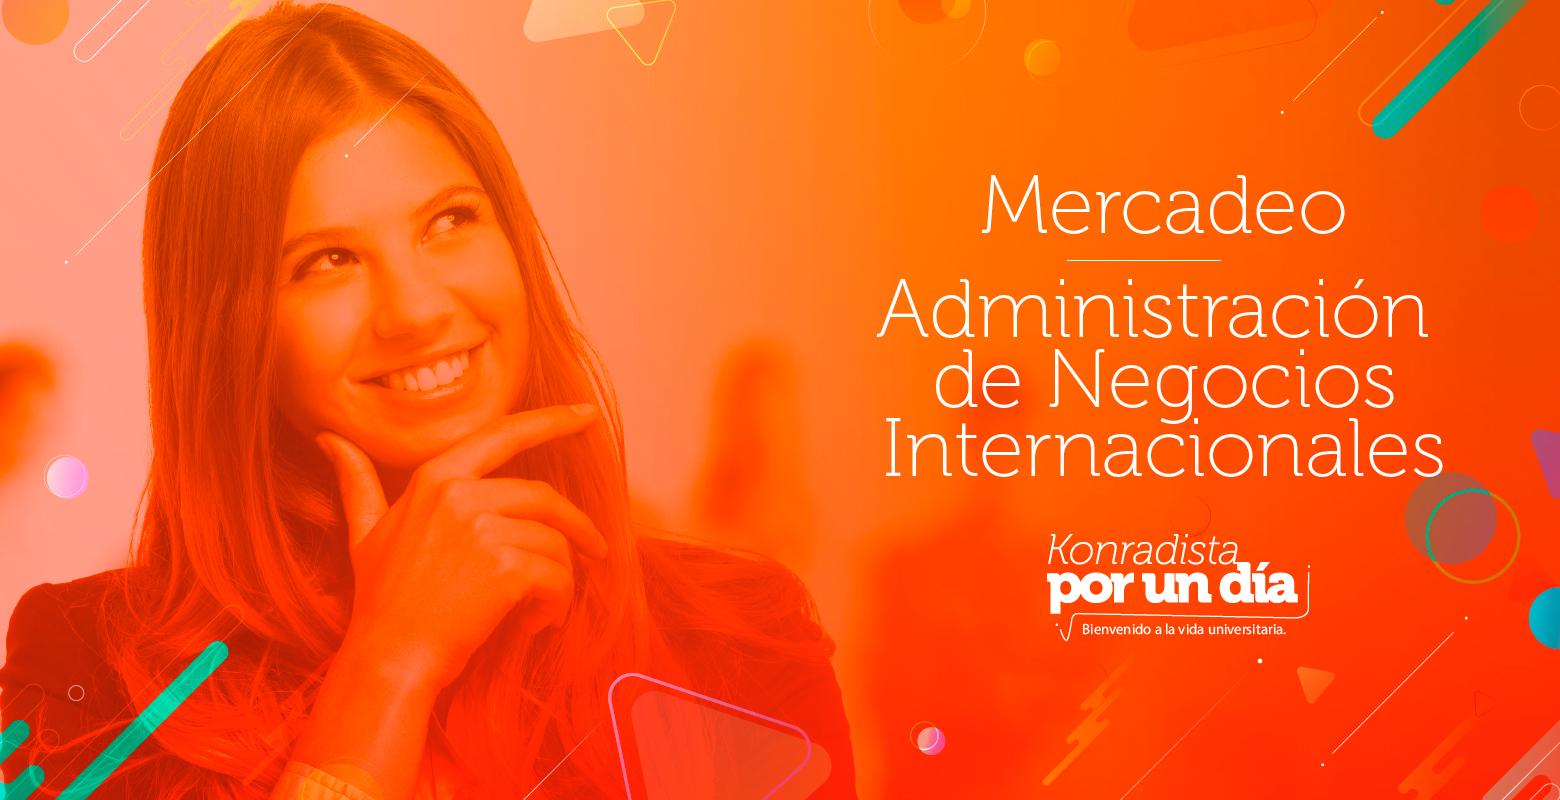 Universitario por un día en Mercadeo o Administración de Negocios Internacionales